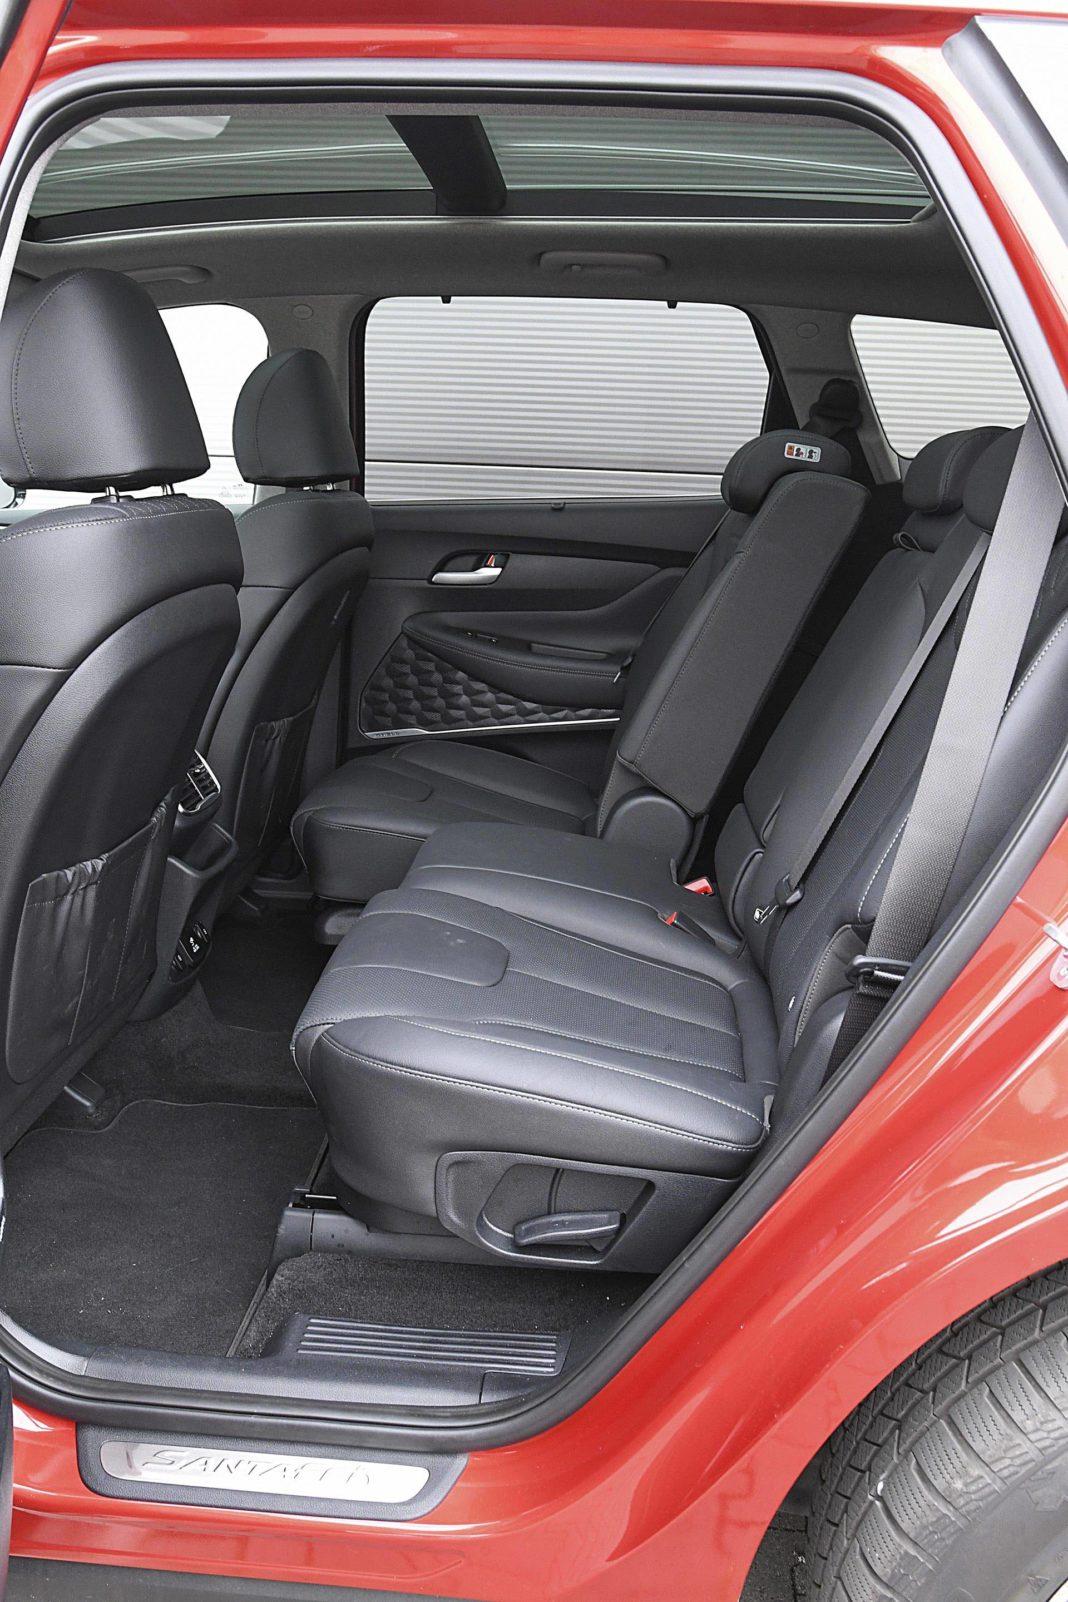 Hyundai Santa Fe 2.0 CRDi 8AT 4WD - kanapa